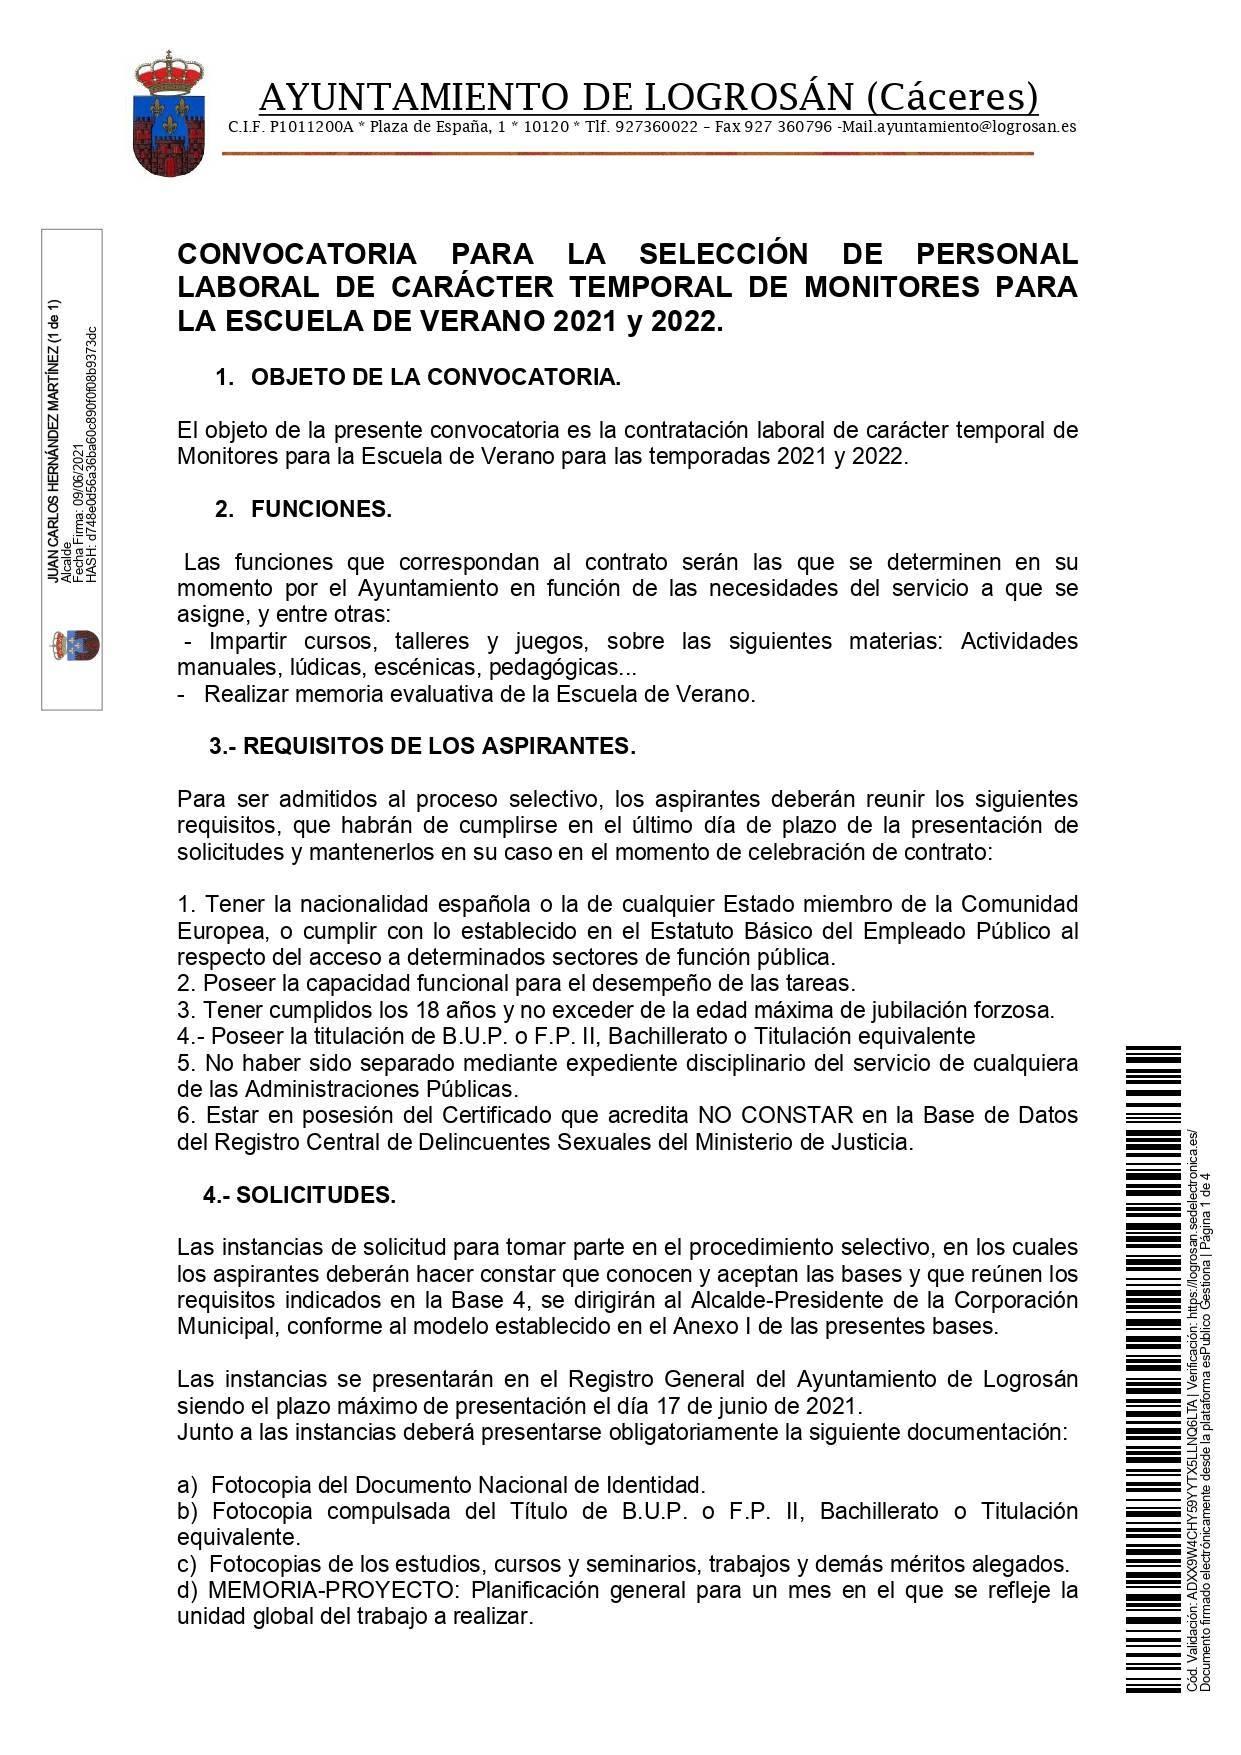 Monitores para la escuela de verano (2021-2022) - Logrosán (Cáceres) 1